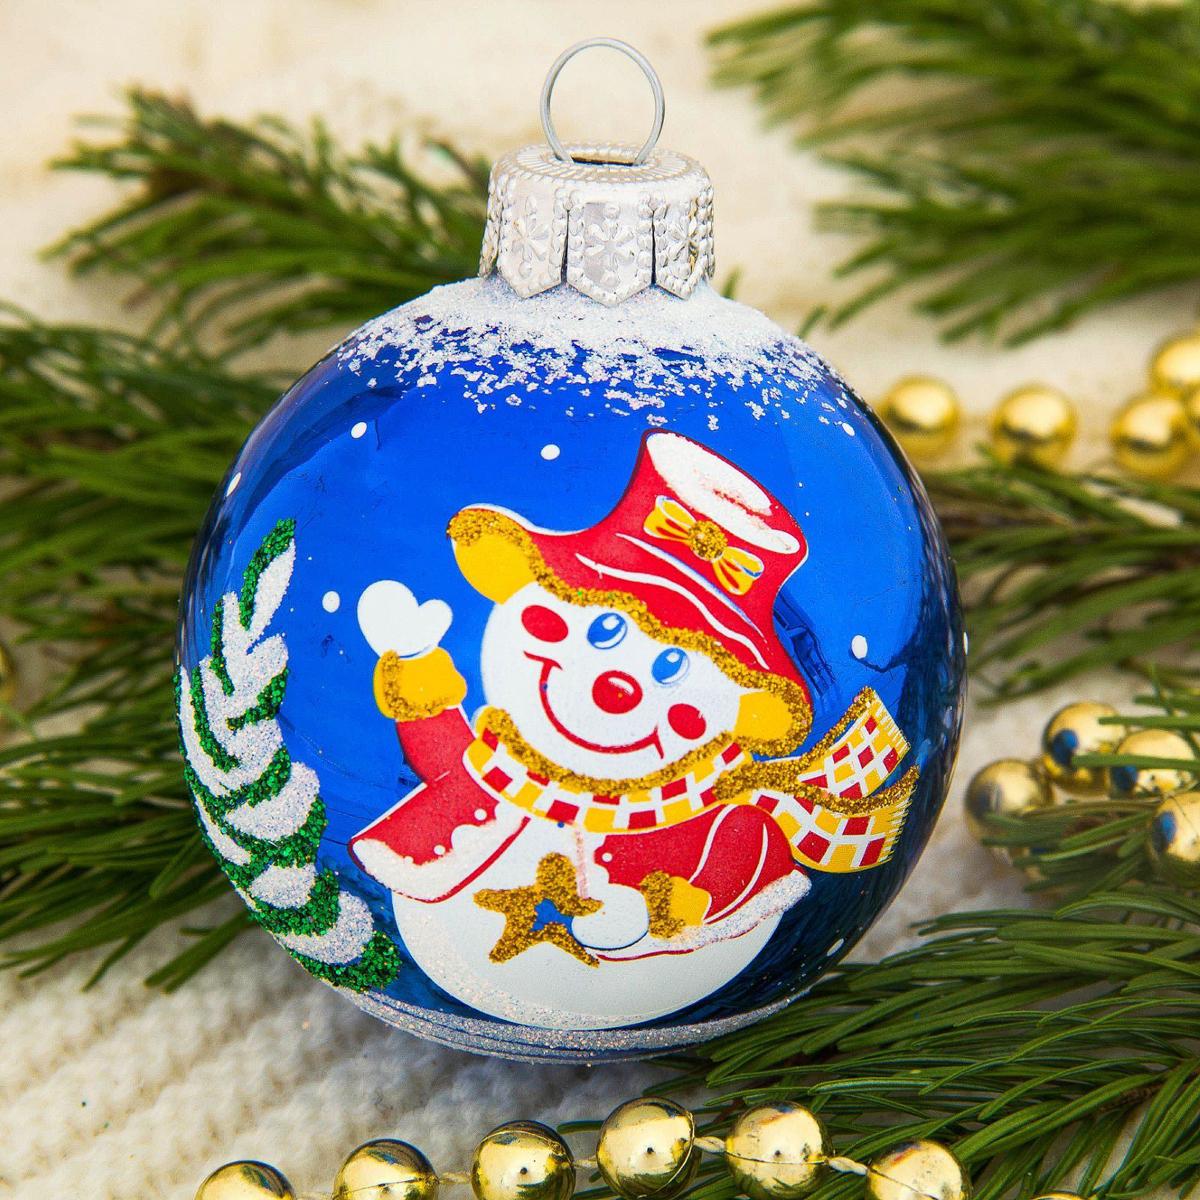 Украшение новогоднее елочное Ёлочка Снеговичок, диаметр 6 см2564833Невозможно представить нашу жизнь без праздников! Мы всегда ждём их и предвкушаем, обдумываем, как проведём памятный день, тщательно выбираем подарки и аксессуары, ведь именно они создают и поддерживают торжественный настрой.